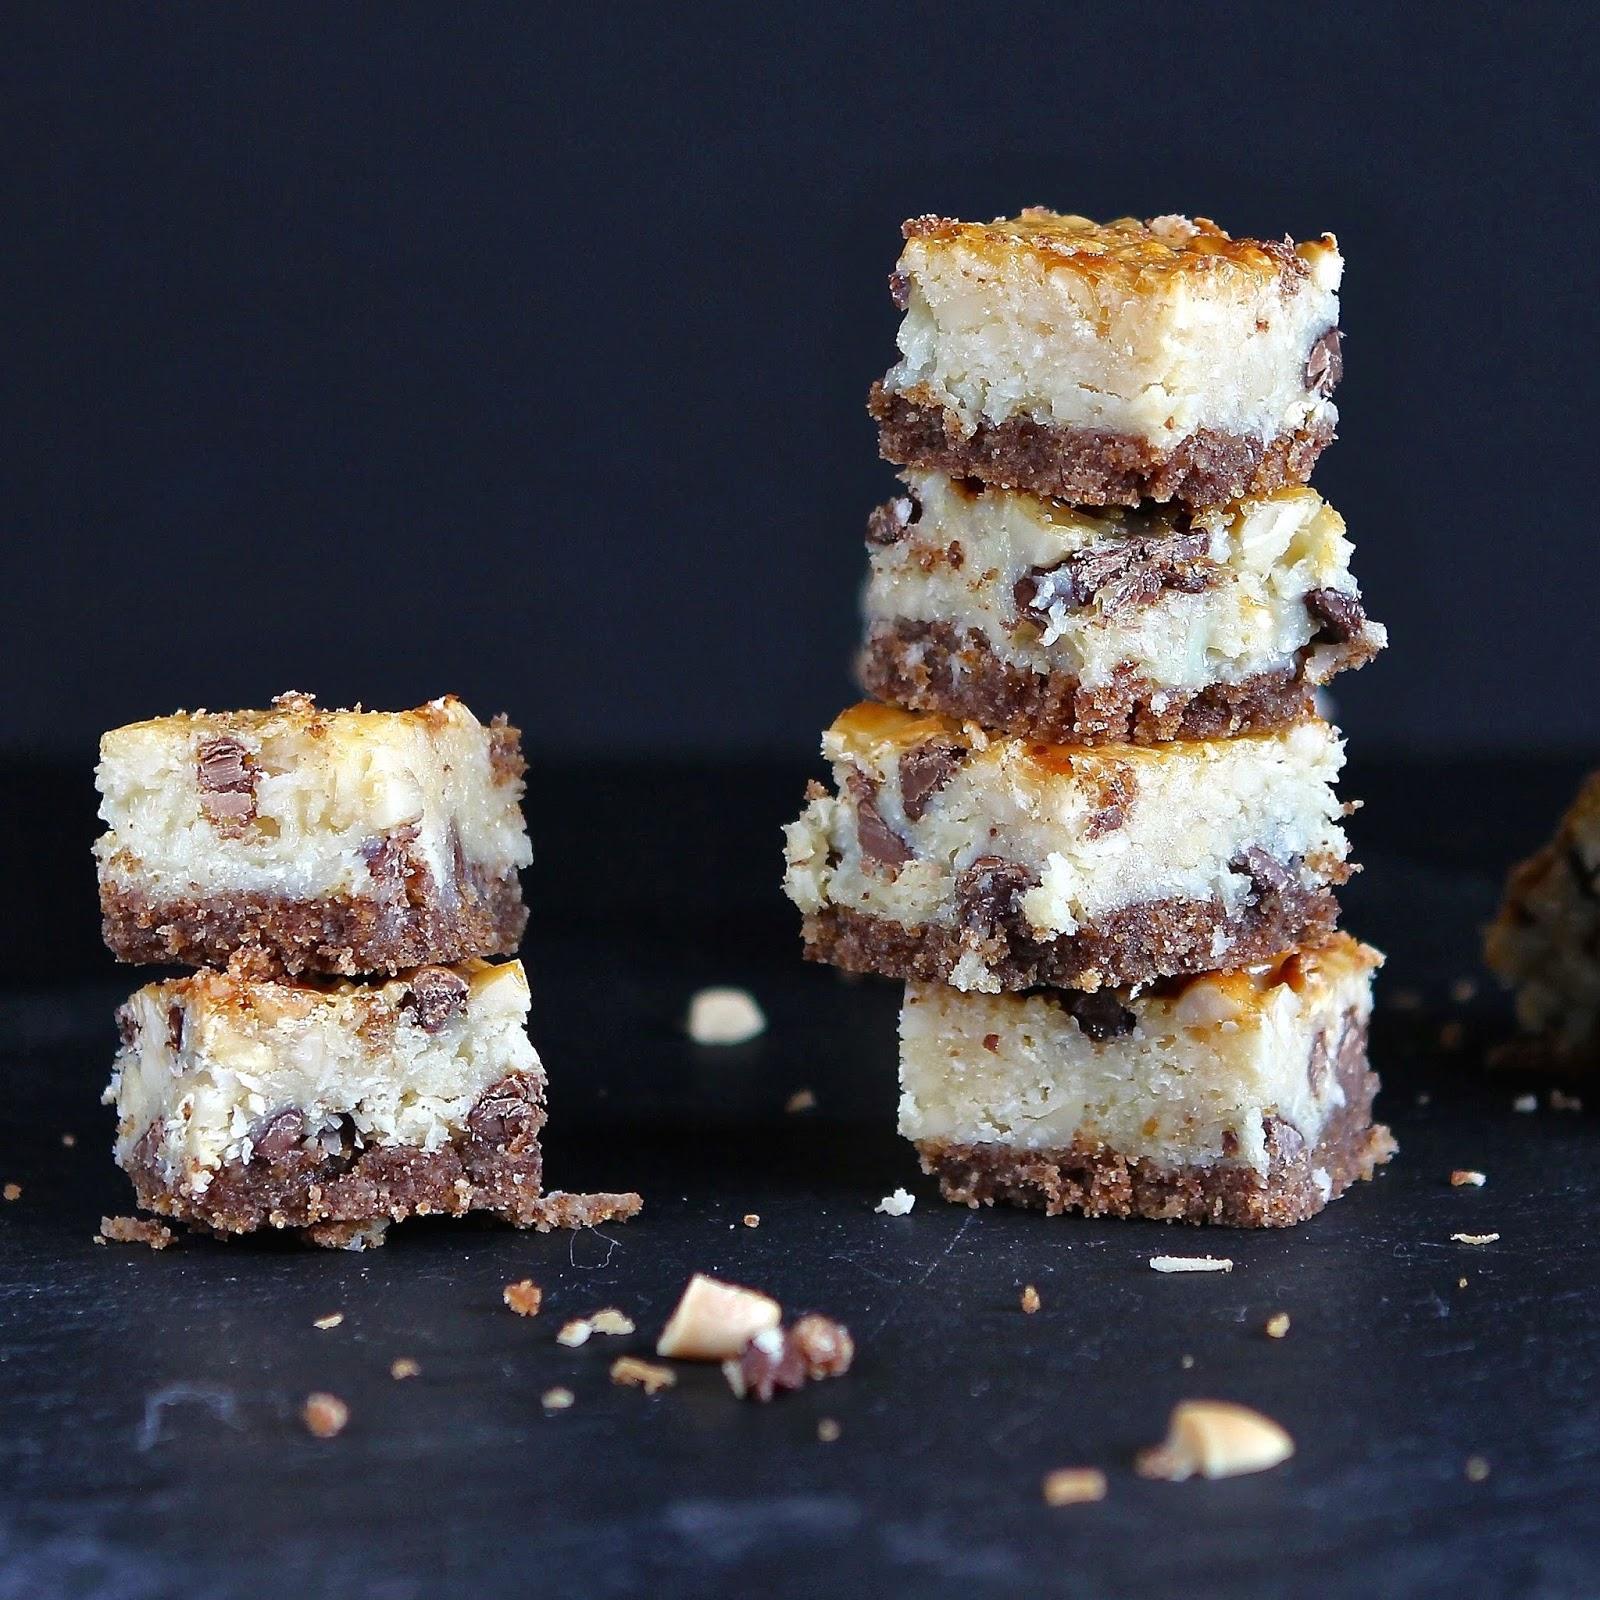 Magic Peanut Butter Cake